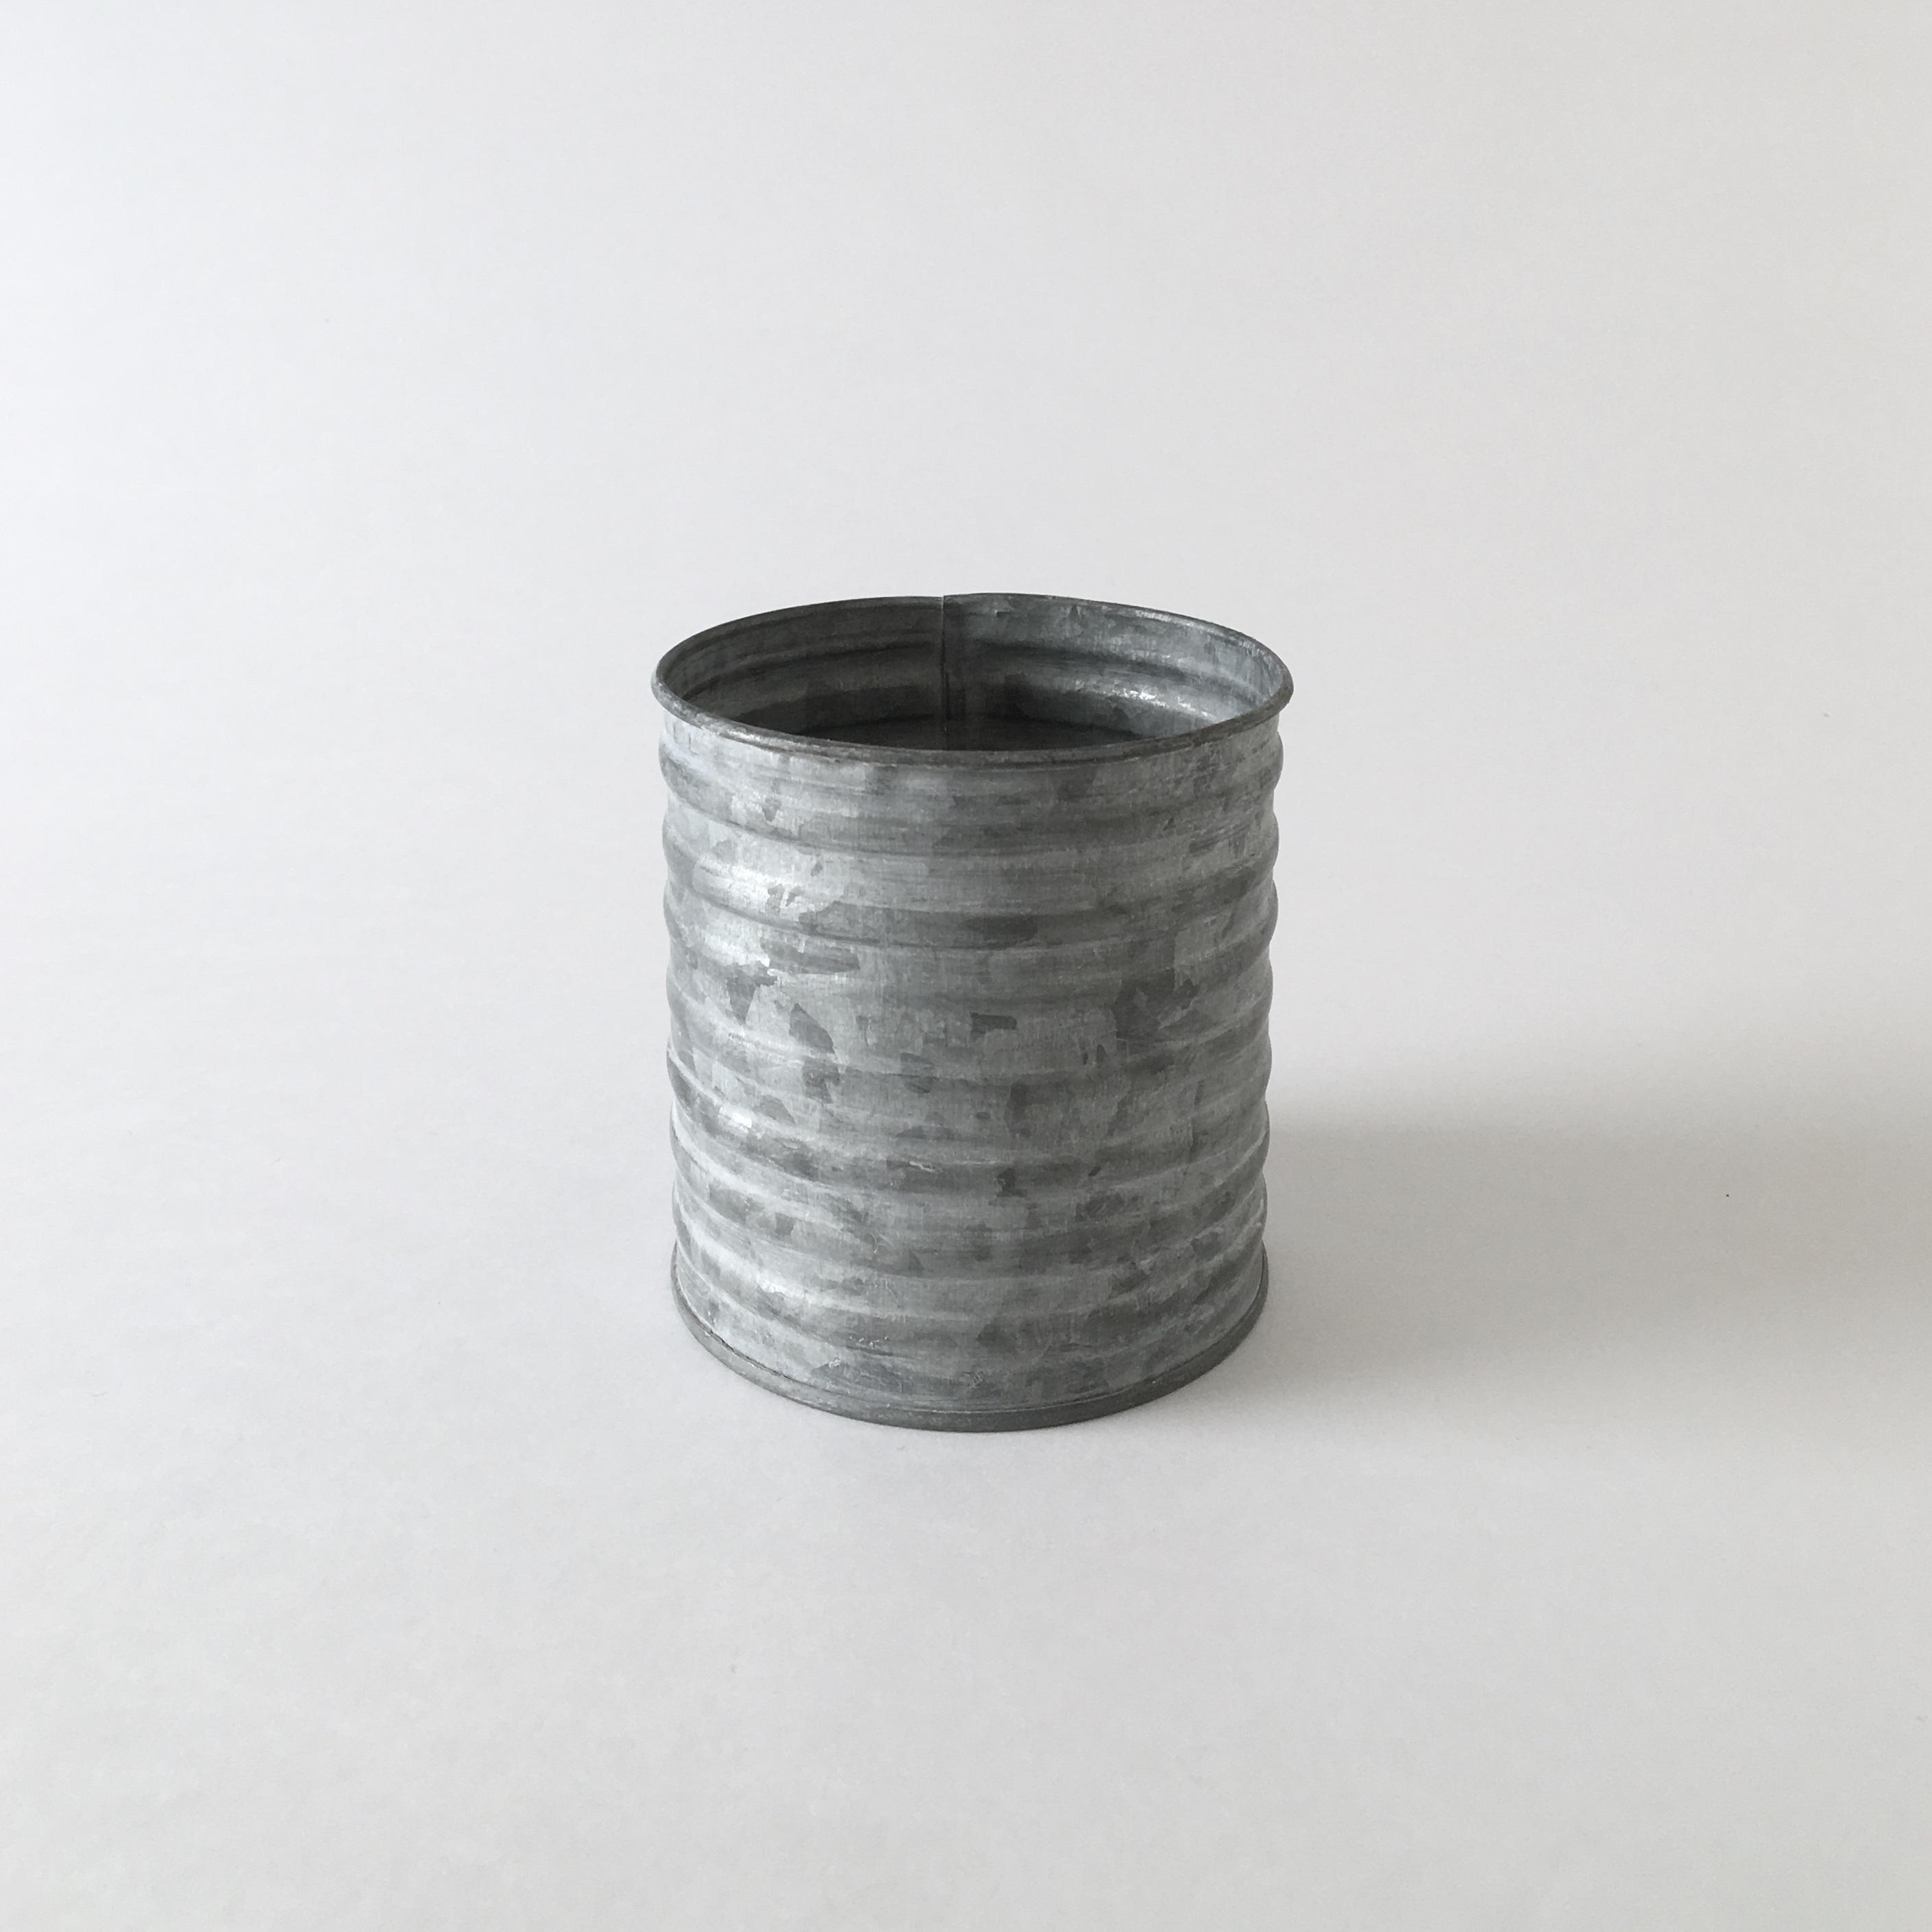 ブリキのポット 波型 S Tinplate Pot Wave Shape S